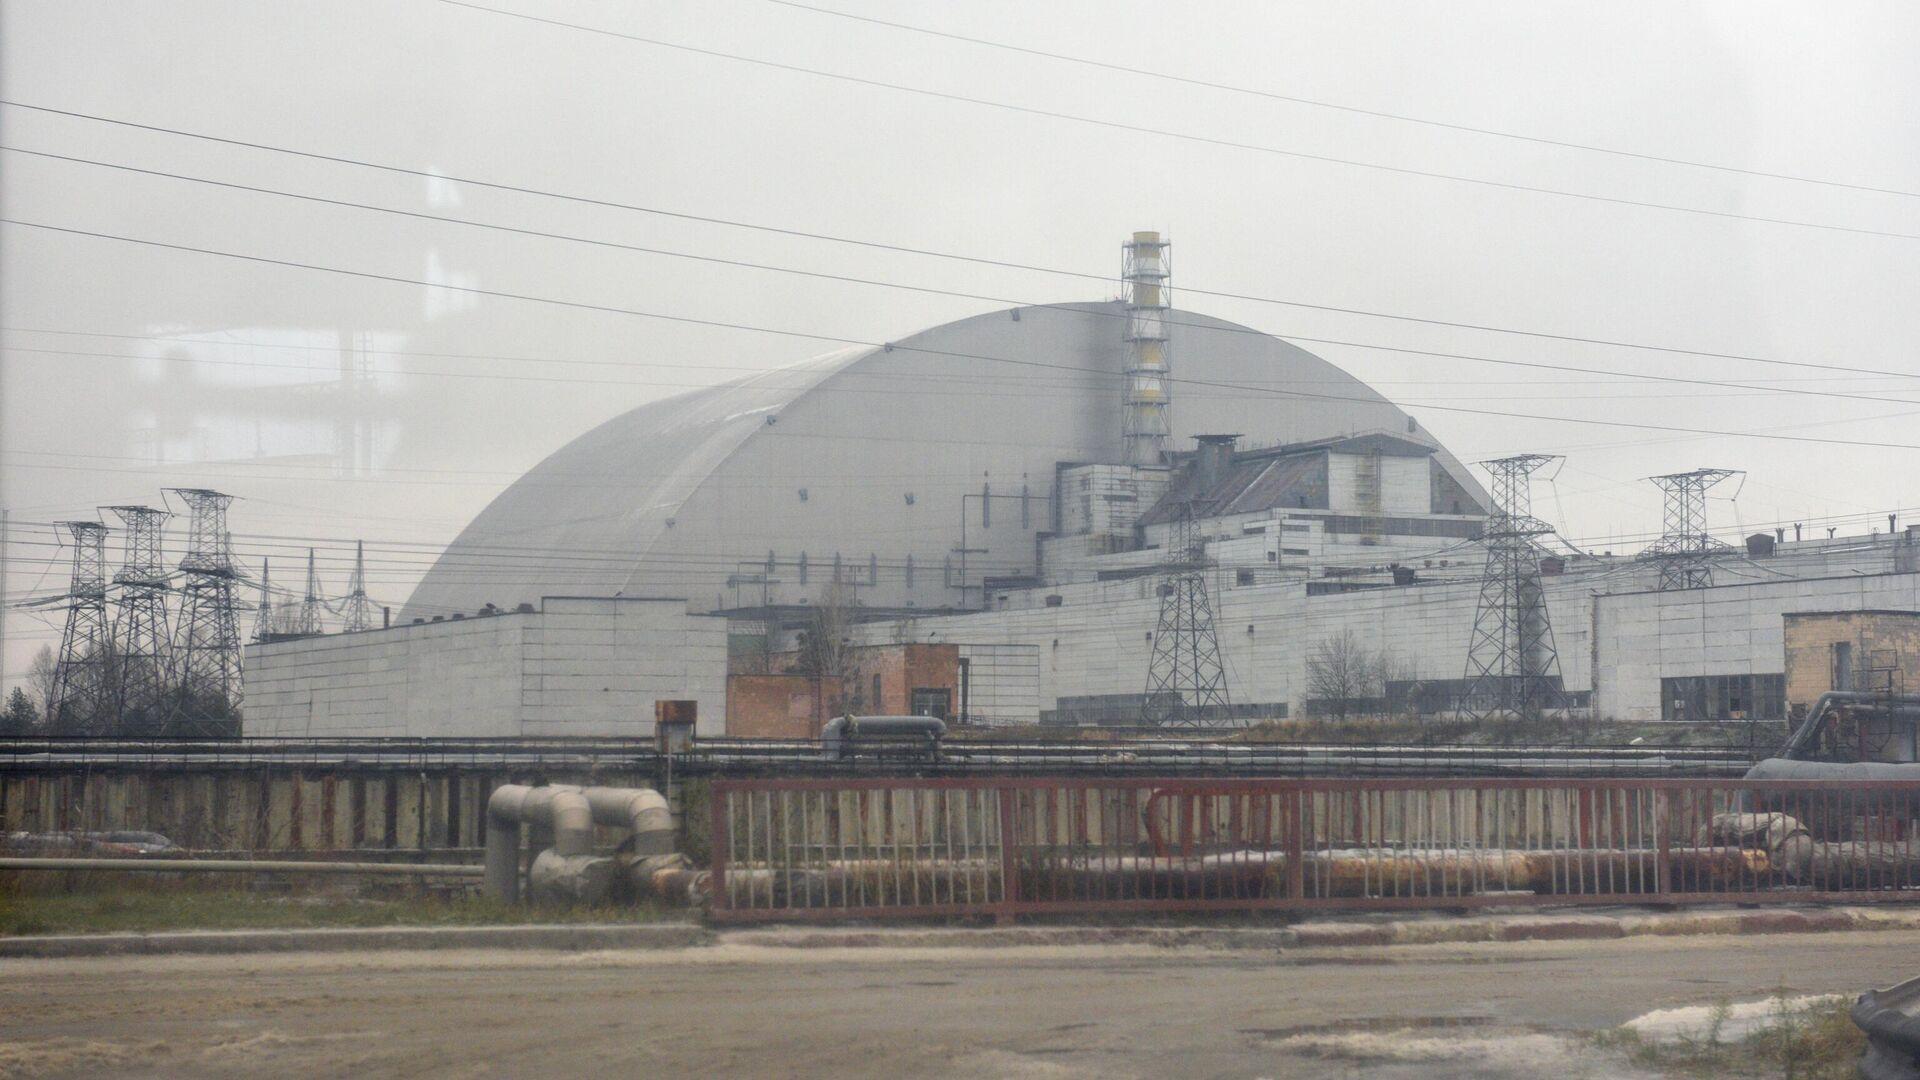 Изоляционное арочное сооружение над разрушенным в результате аварии 4-м энергоблоком Чернобыльской АЭС  - РИА Новости, 1920, 22.04.2021